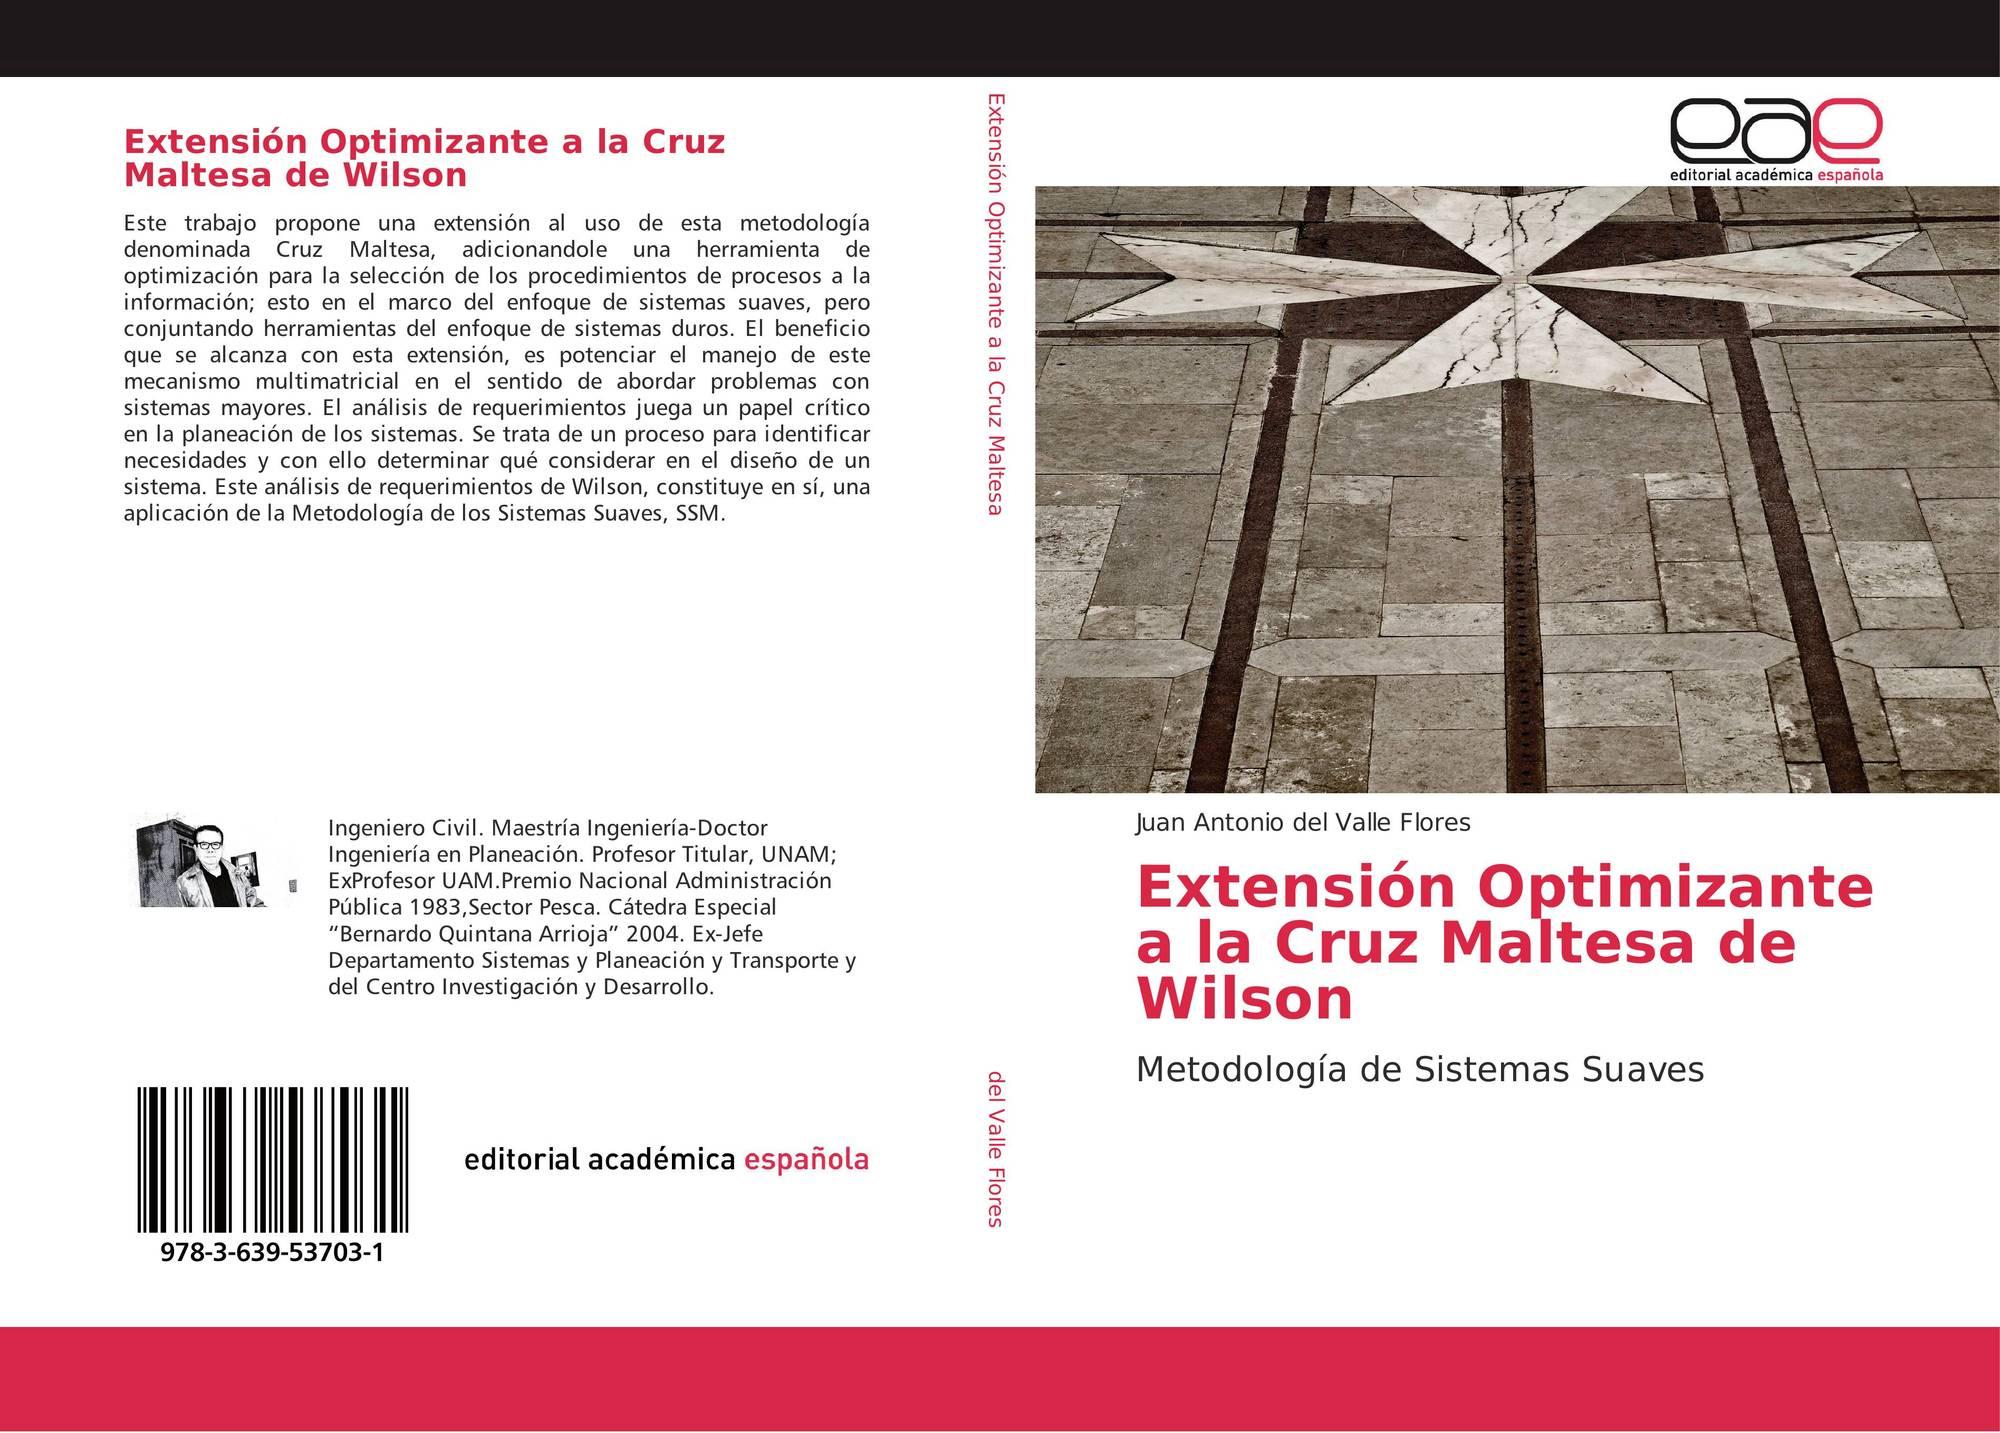 metodologia de matrices wilson Uno de los campos en donde con mas intensidad se ha sentido la necesidad de utilizar conceptos y metodologías de ingeniería de sistemas es en el desarrollo de tecnología.